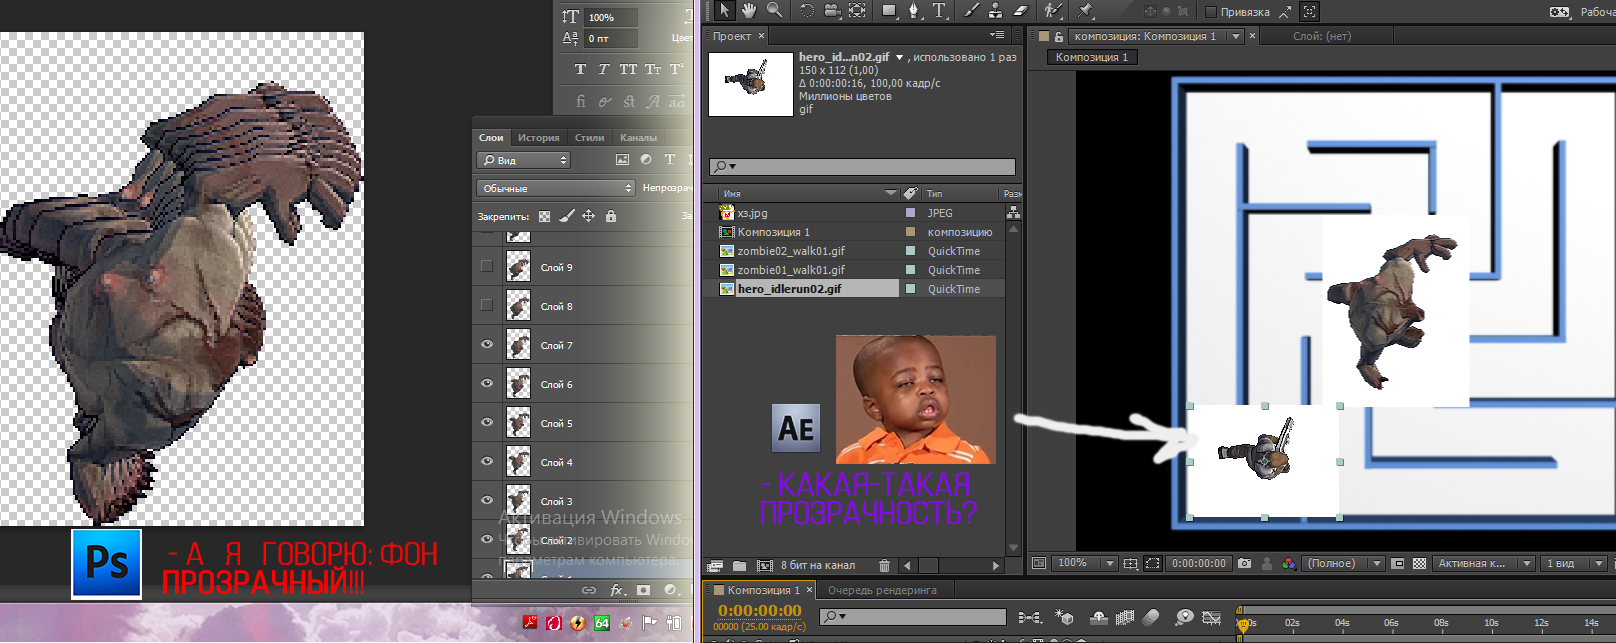 Как сделать прозрачный фон у фото в  420